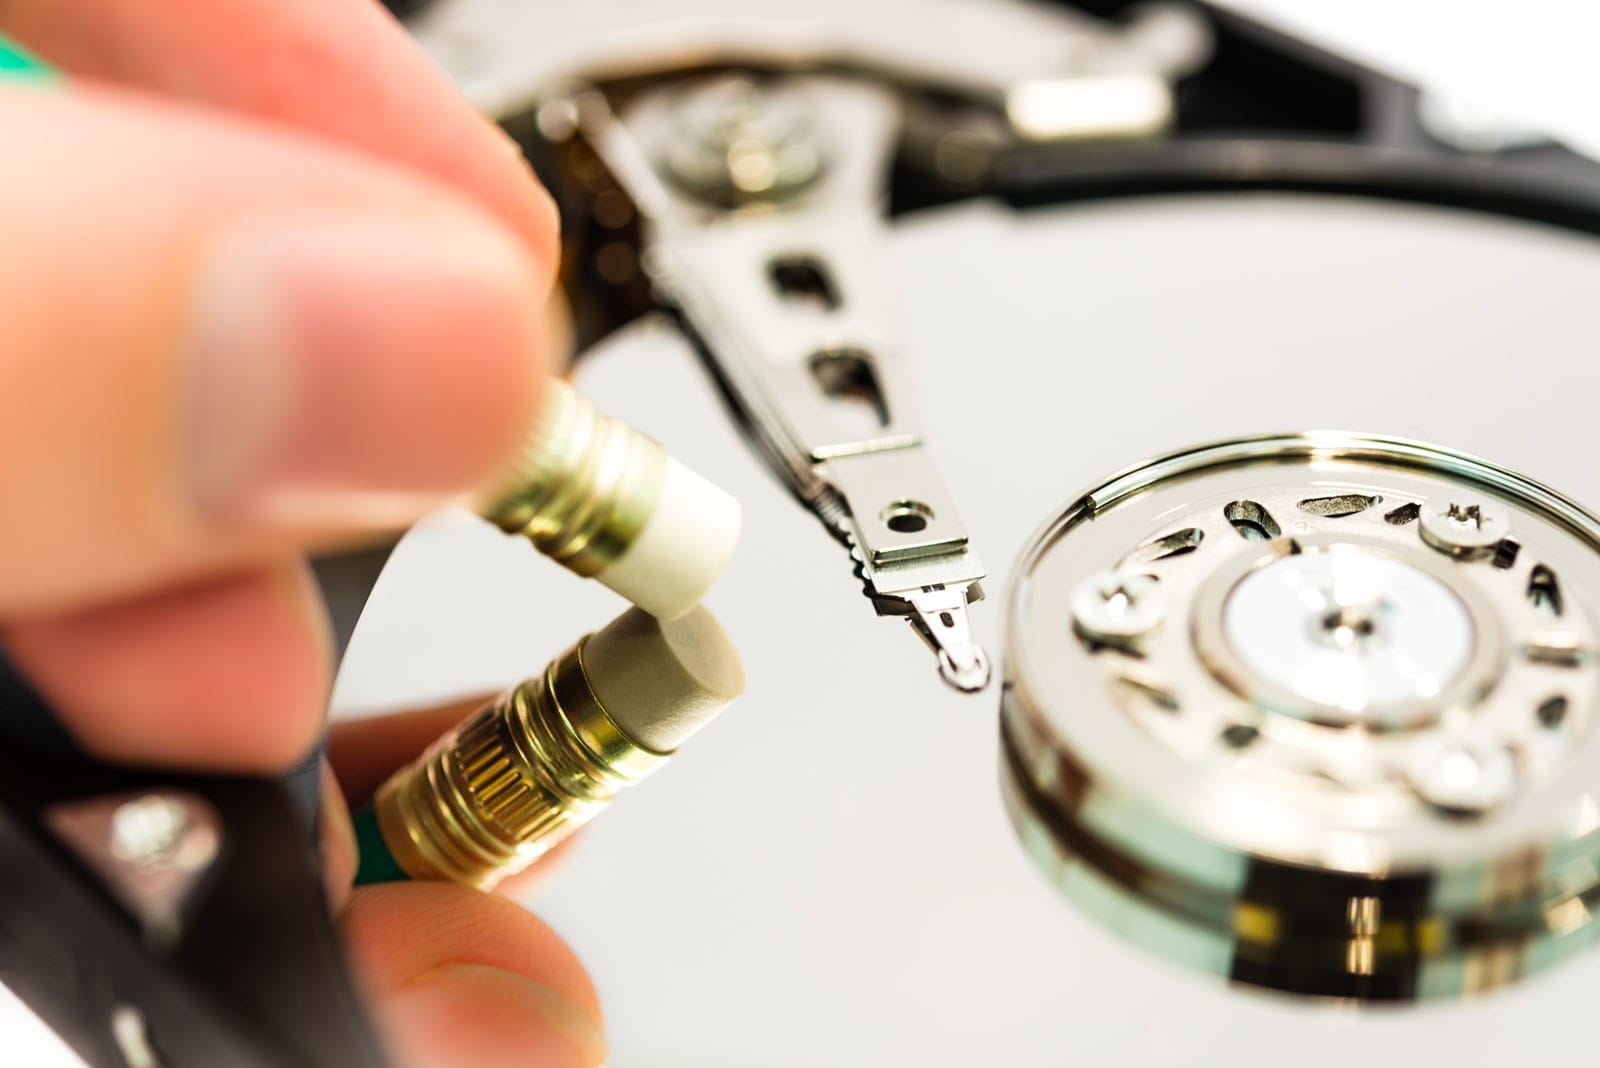 Hvordan sletter jeg min harddisk på en sikker måde? Gode råd til at slette dine data